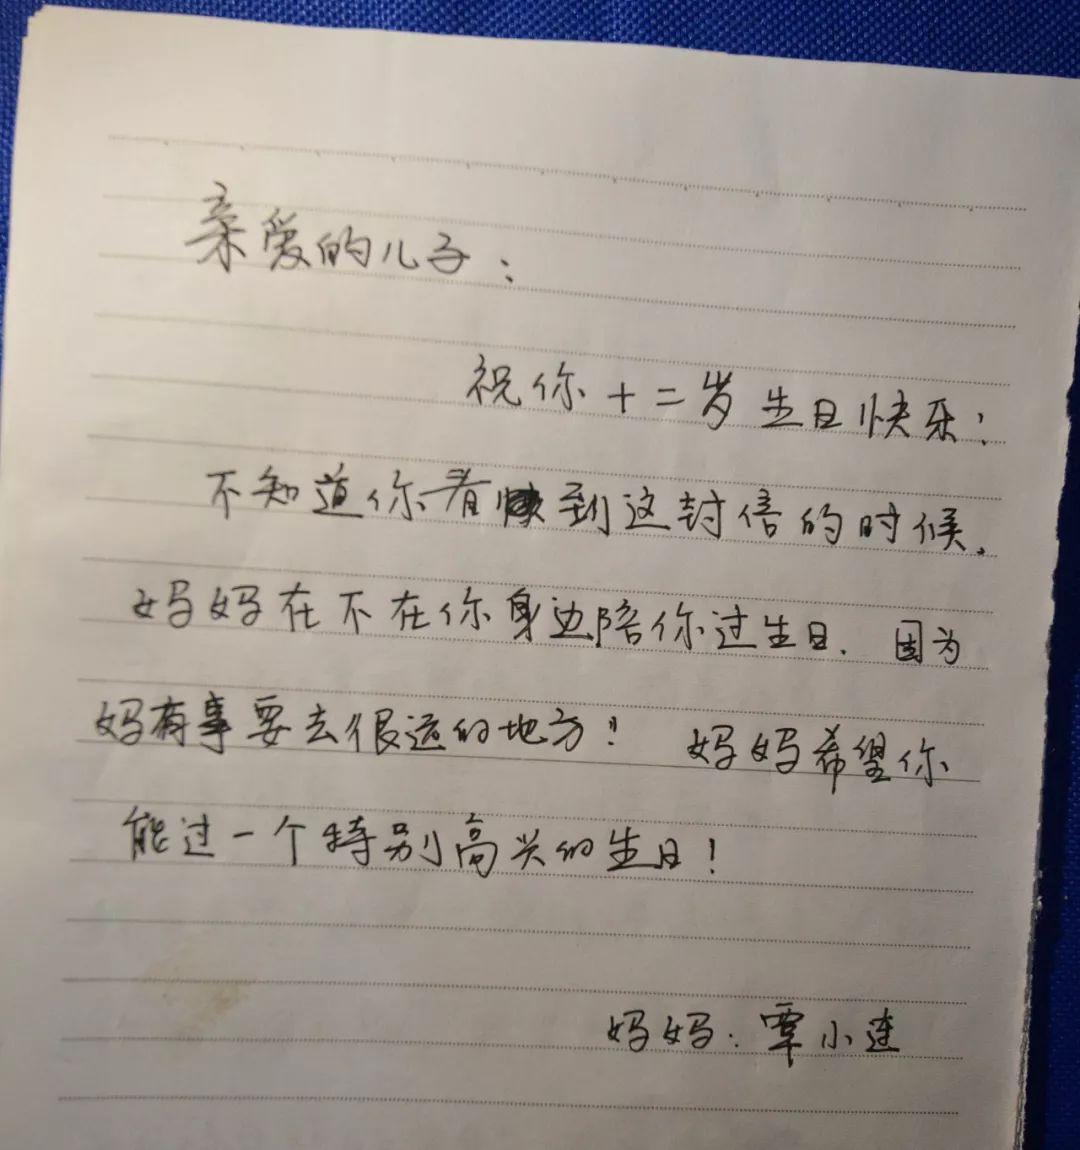 给15岁叛逆儿子一封信 15岁少年叛逆辱骂父母